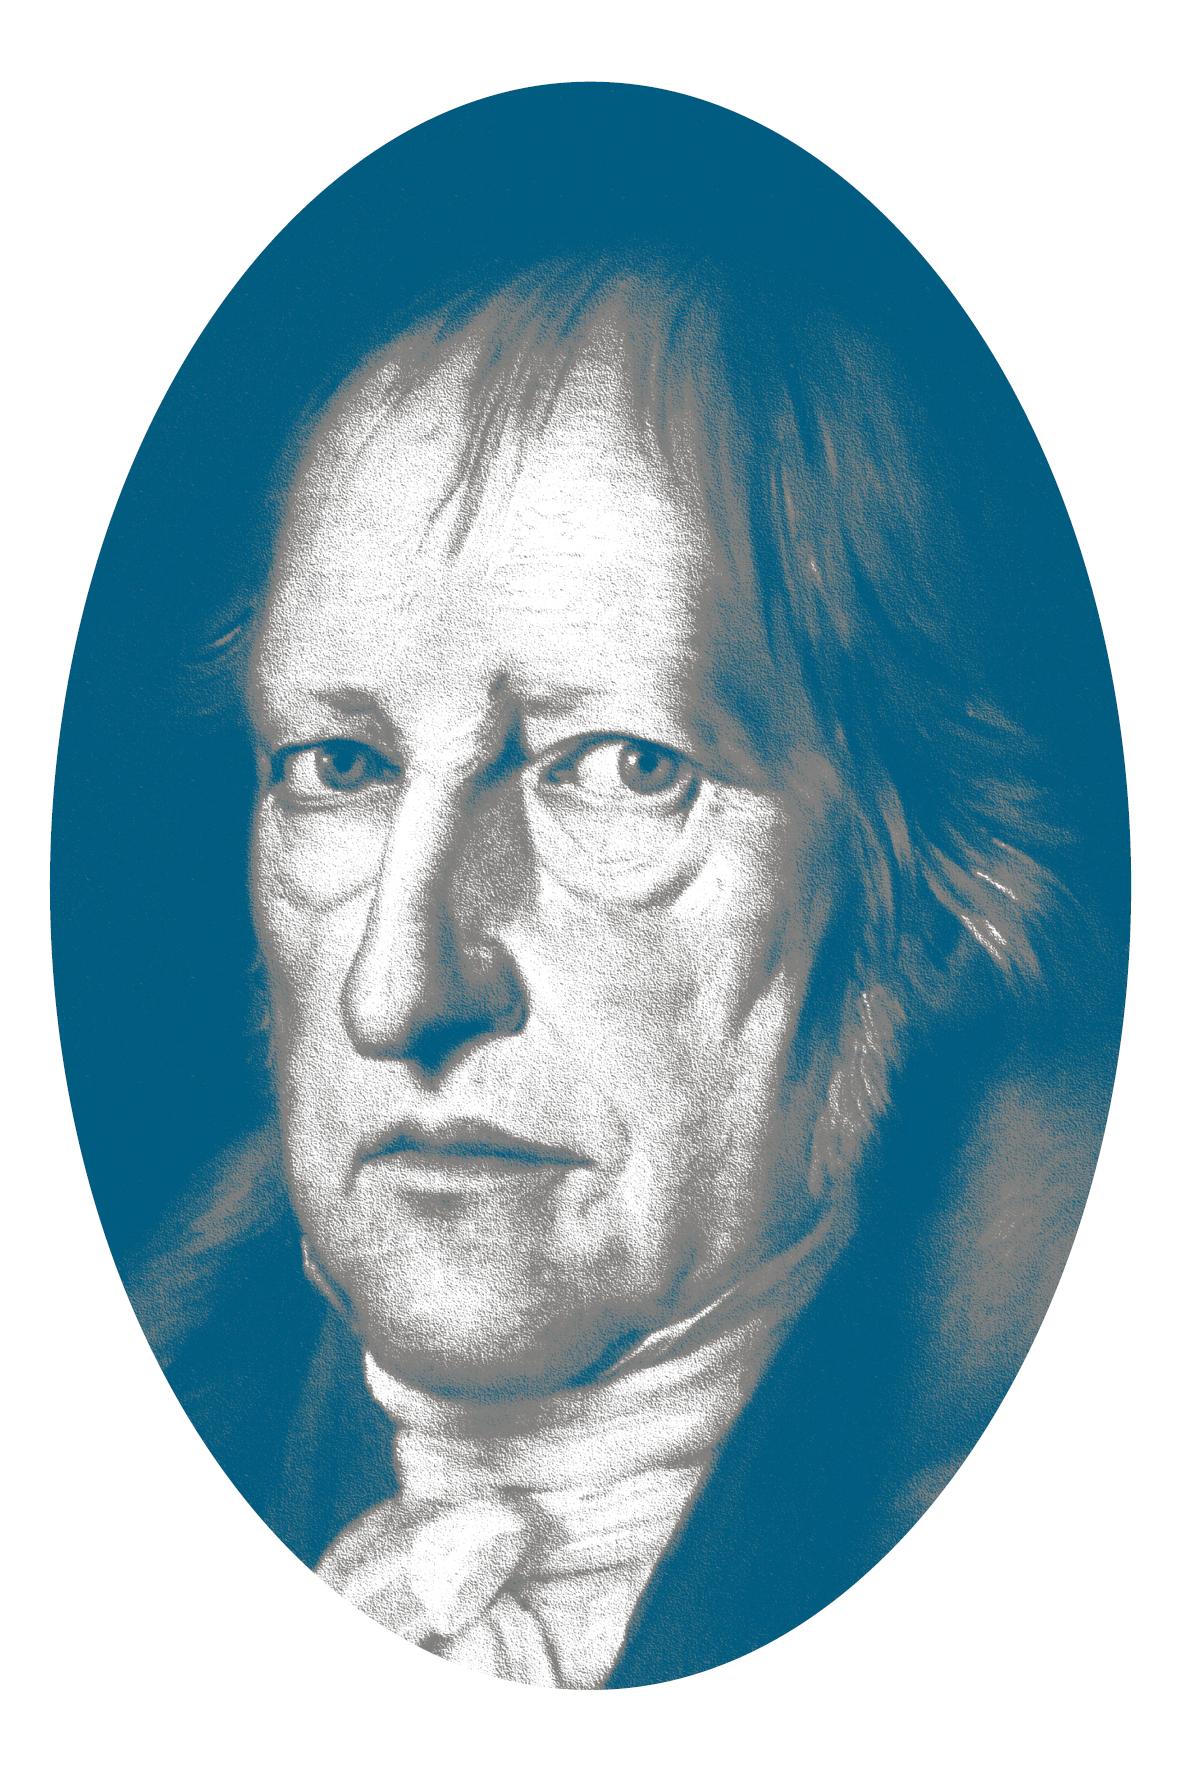 250. Geburtstag Des Philosophen Georg Wilhelm Friedrich Hegel Am 27. August 2020